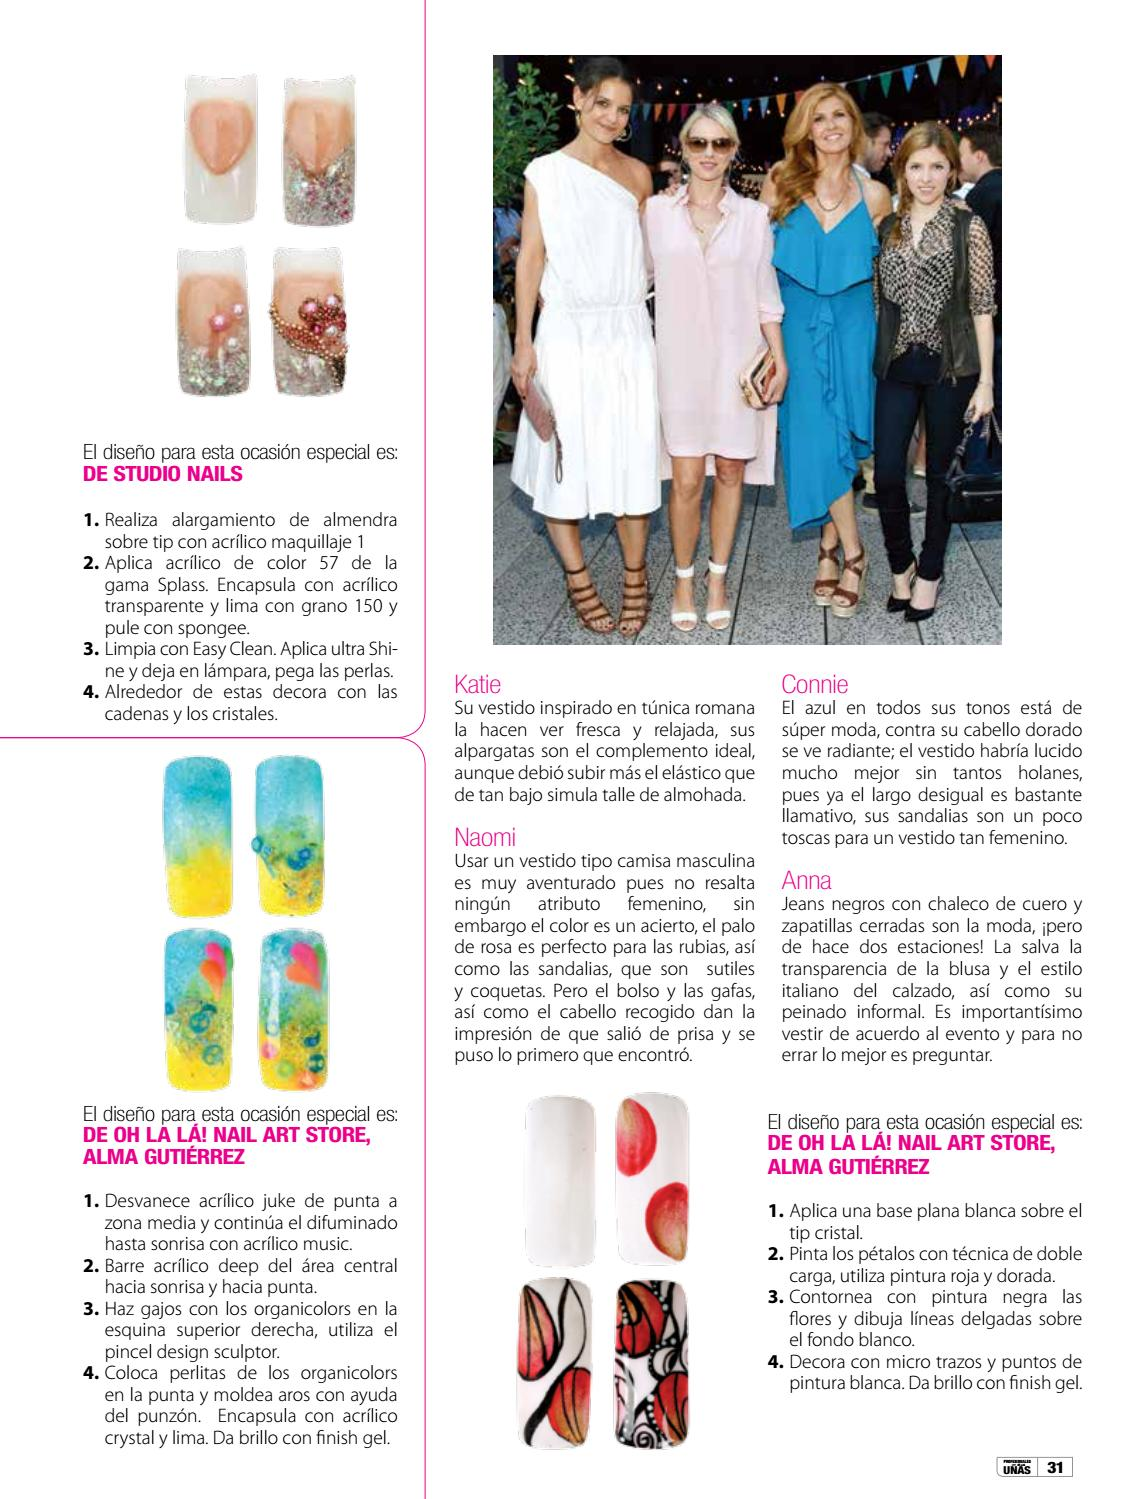 Editorial Las Issuu Profesionales 85 By De Toukan No Uñas rdxCBoQEWe